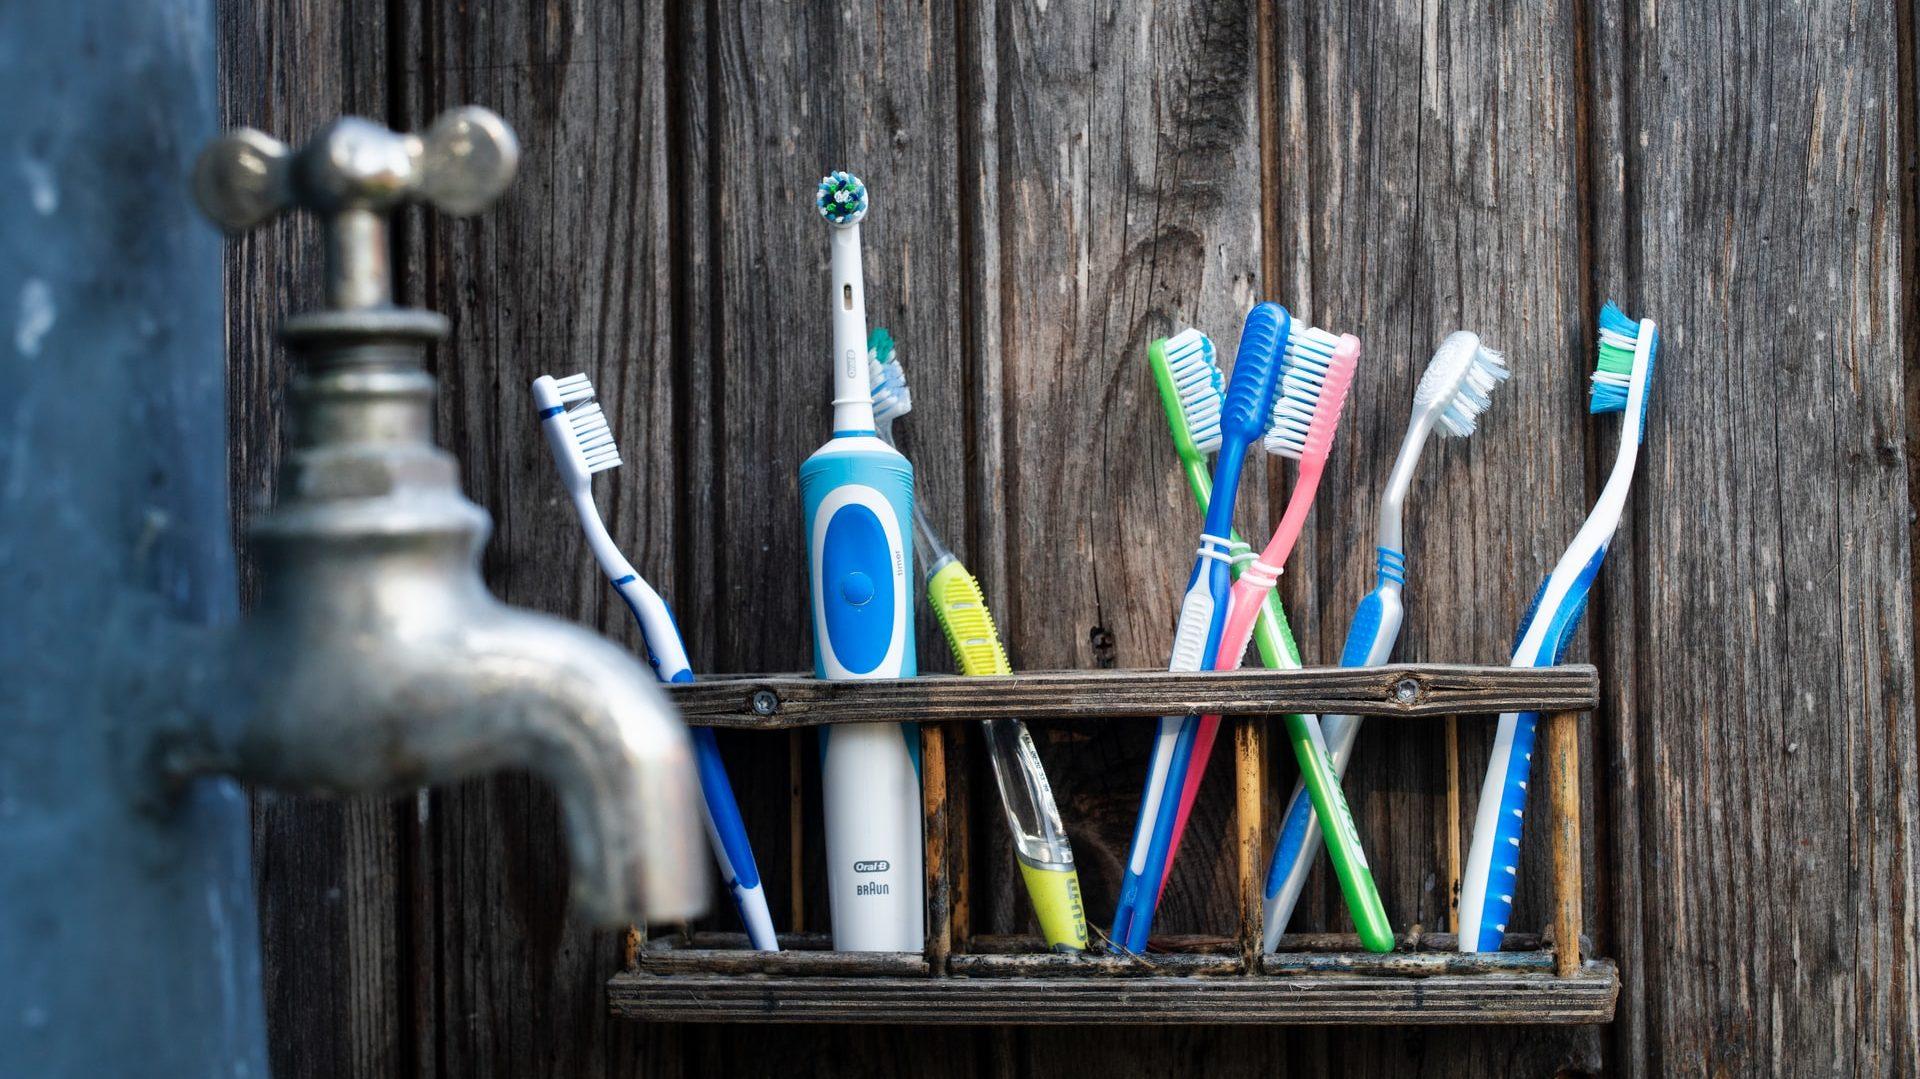 Tandborstels in tandenborstelhouder, met kraan op de voorgrond. Vooraanzicht